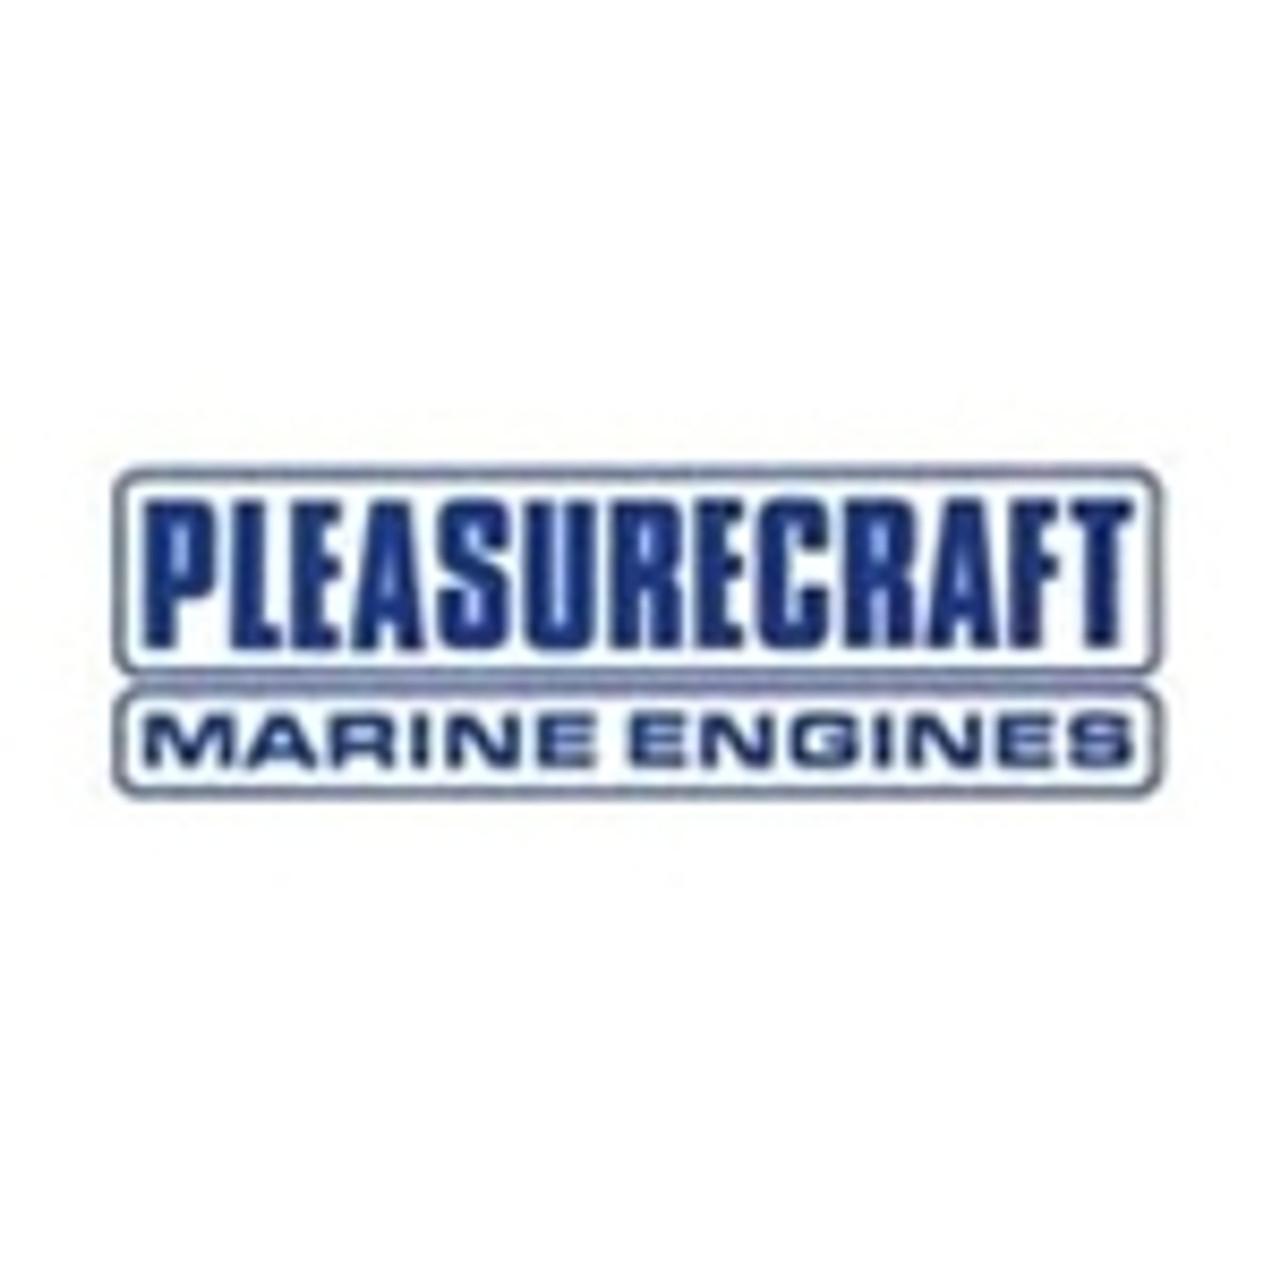 Pleasurecraft Marine